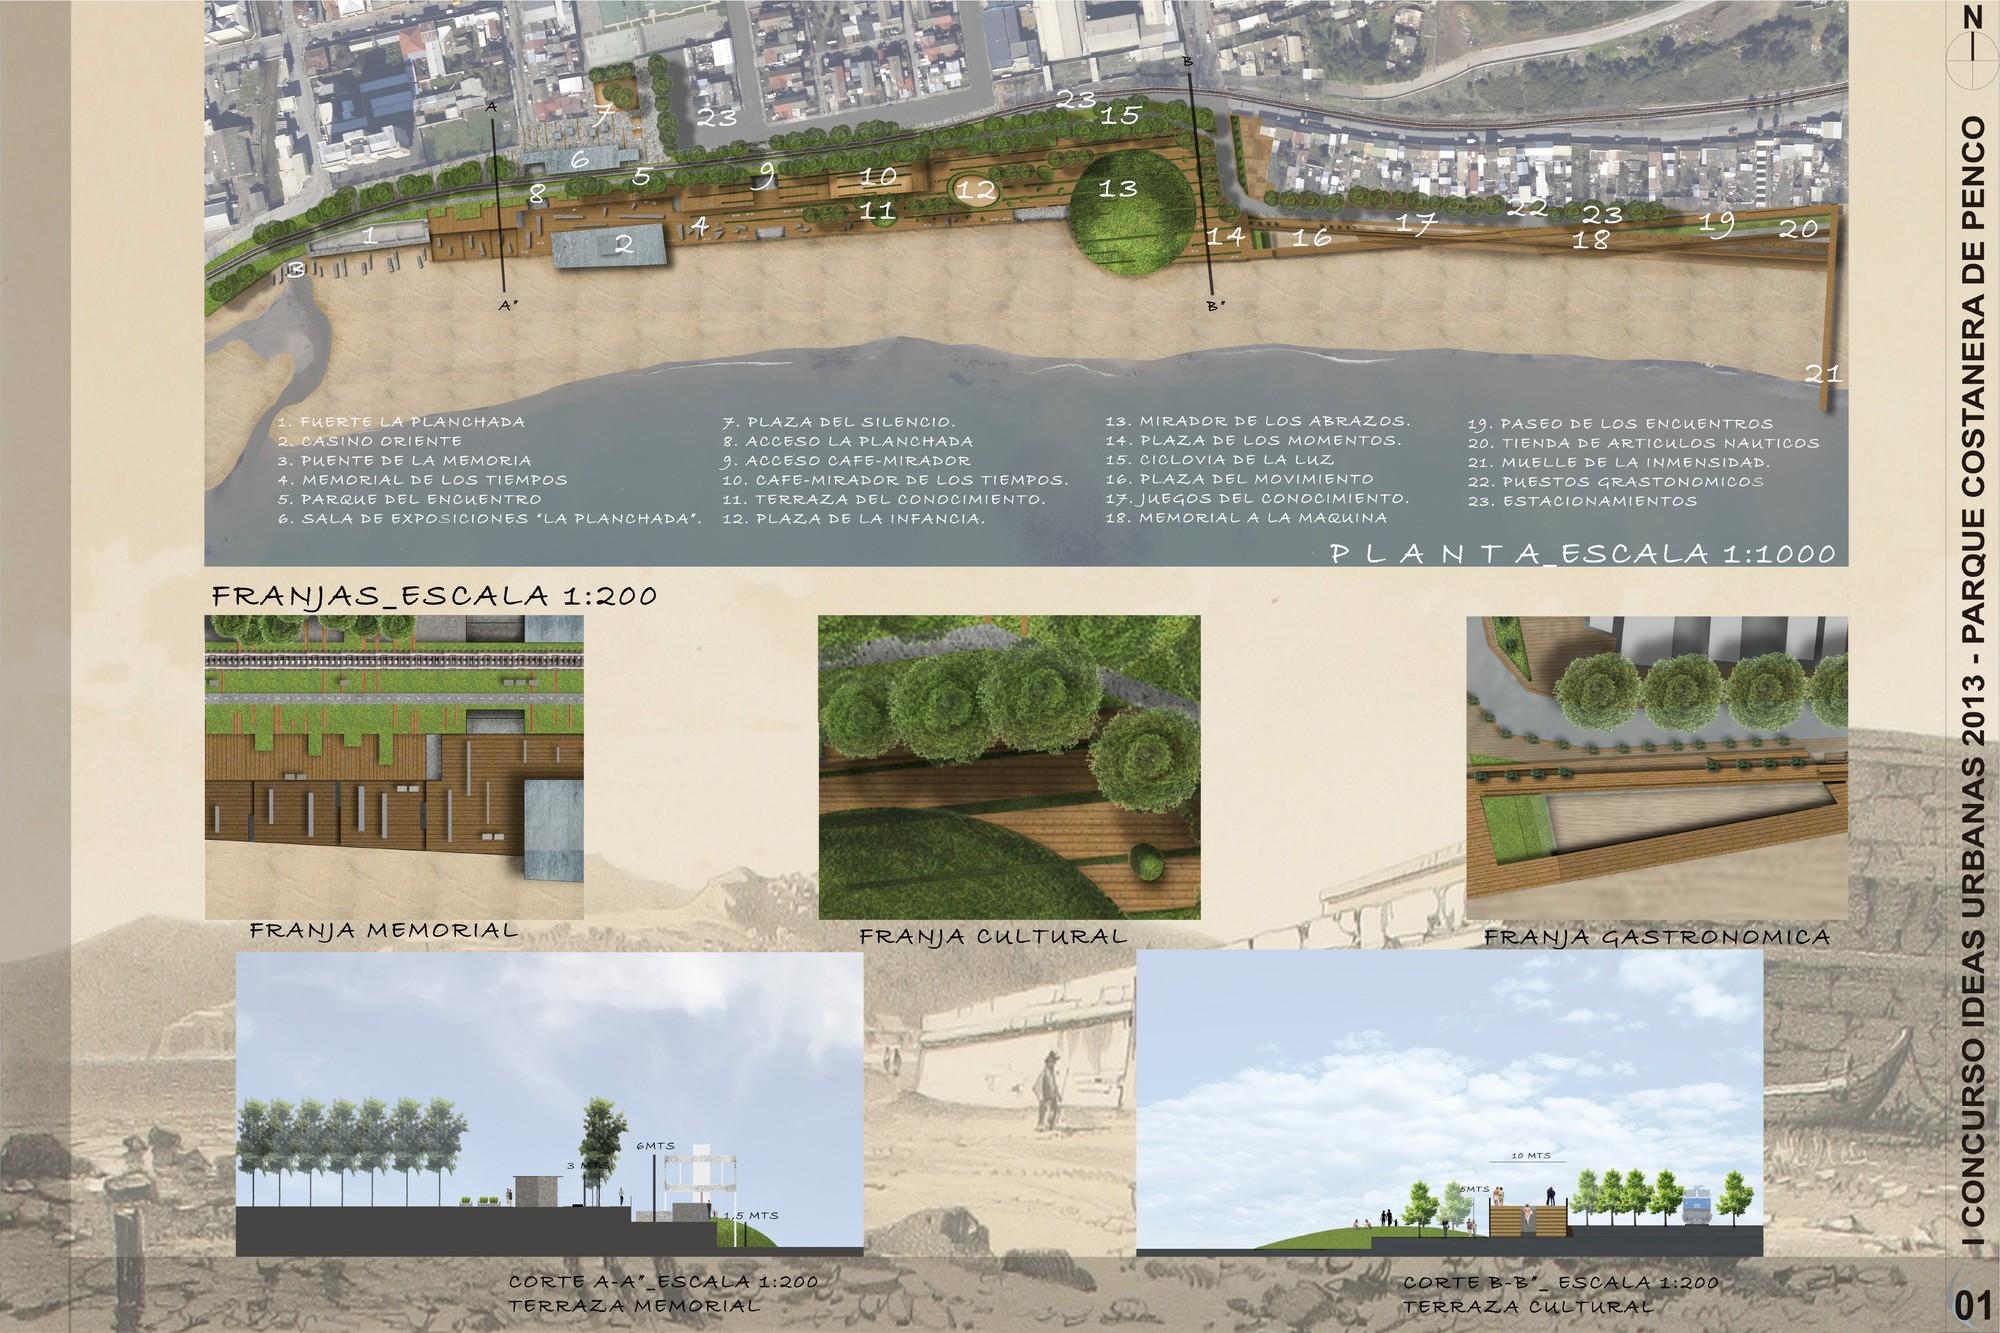 Mención Honrosa. Image Courtesy of Coordinadora Nacional de Estudiantes de Arquitectura